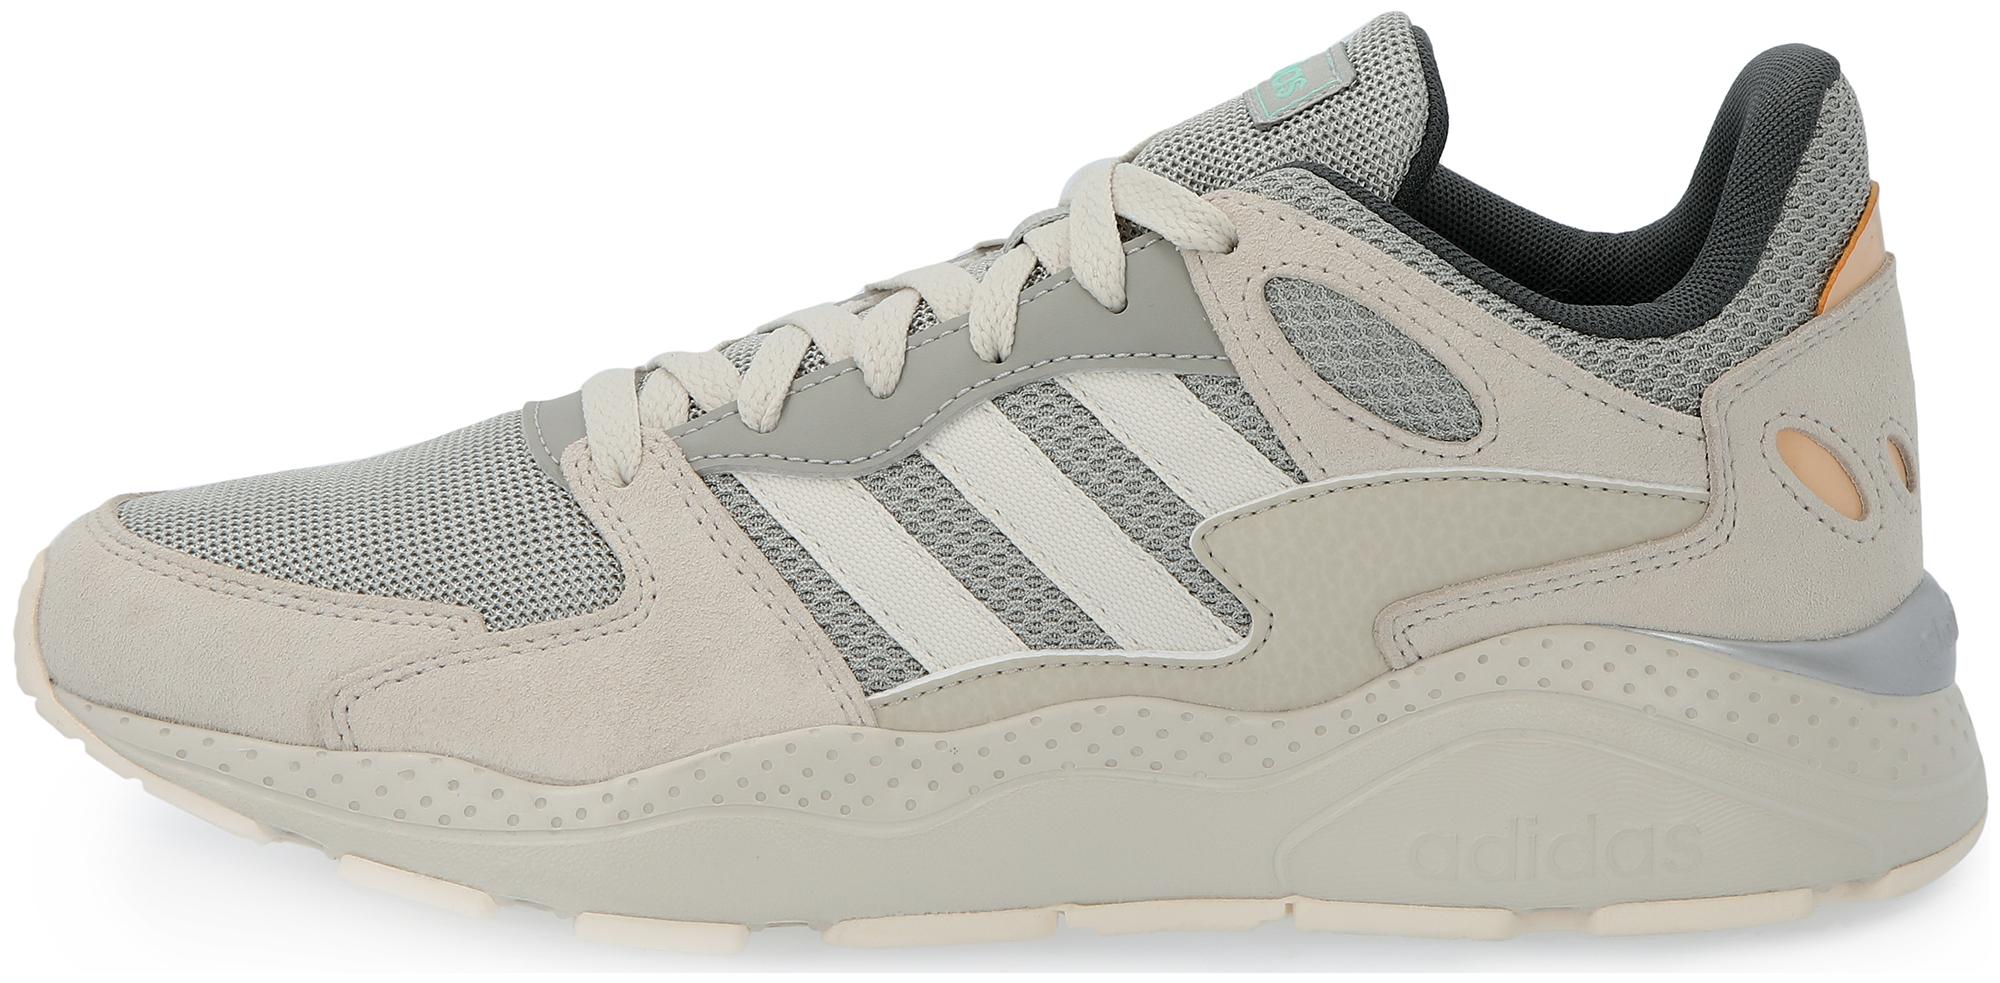 Adidas Кроссовки женские Adidas Crazychaos, размер 37.5